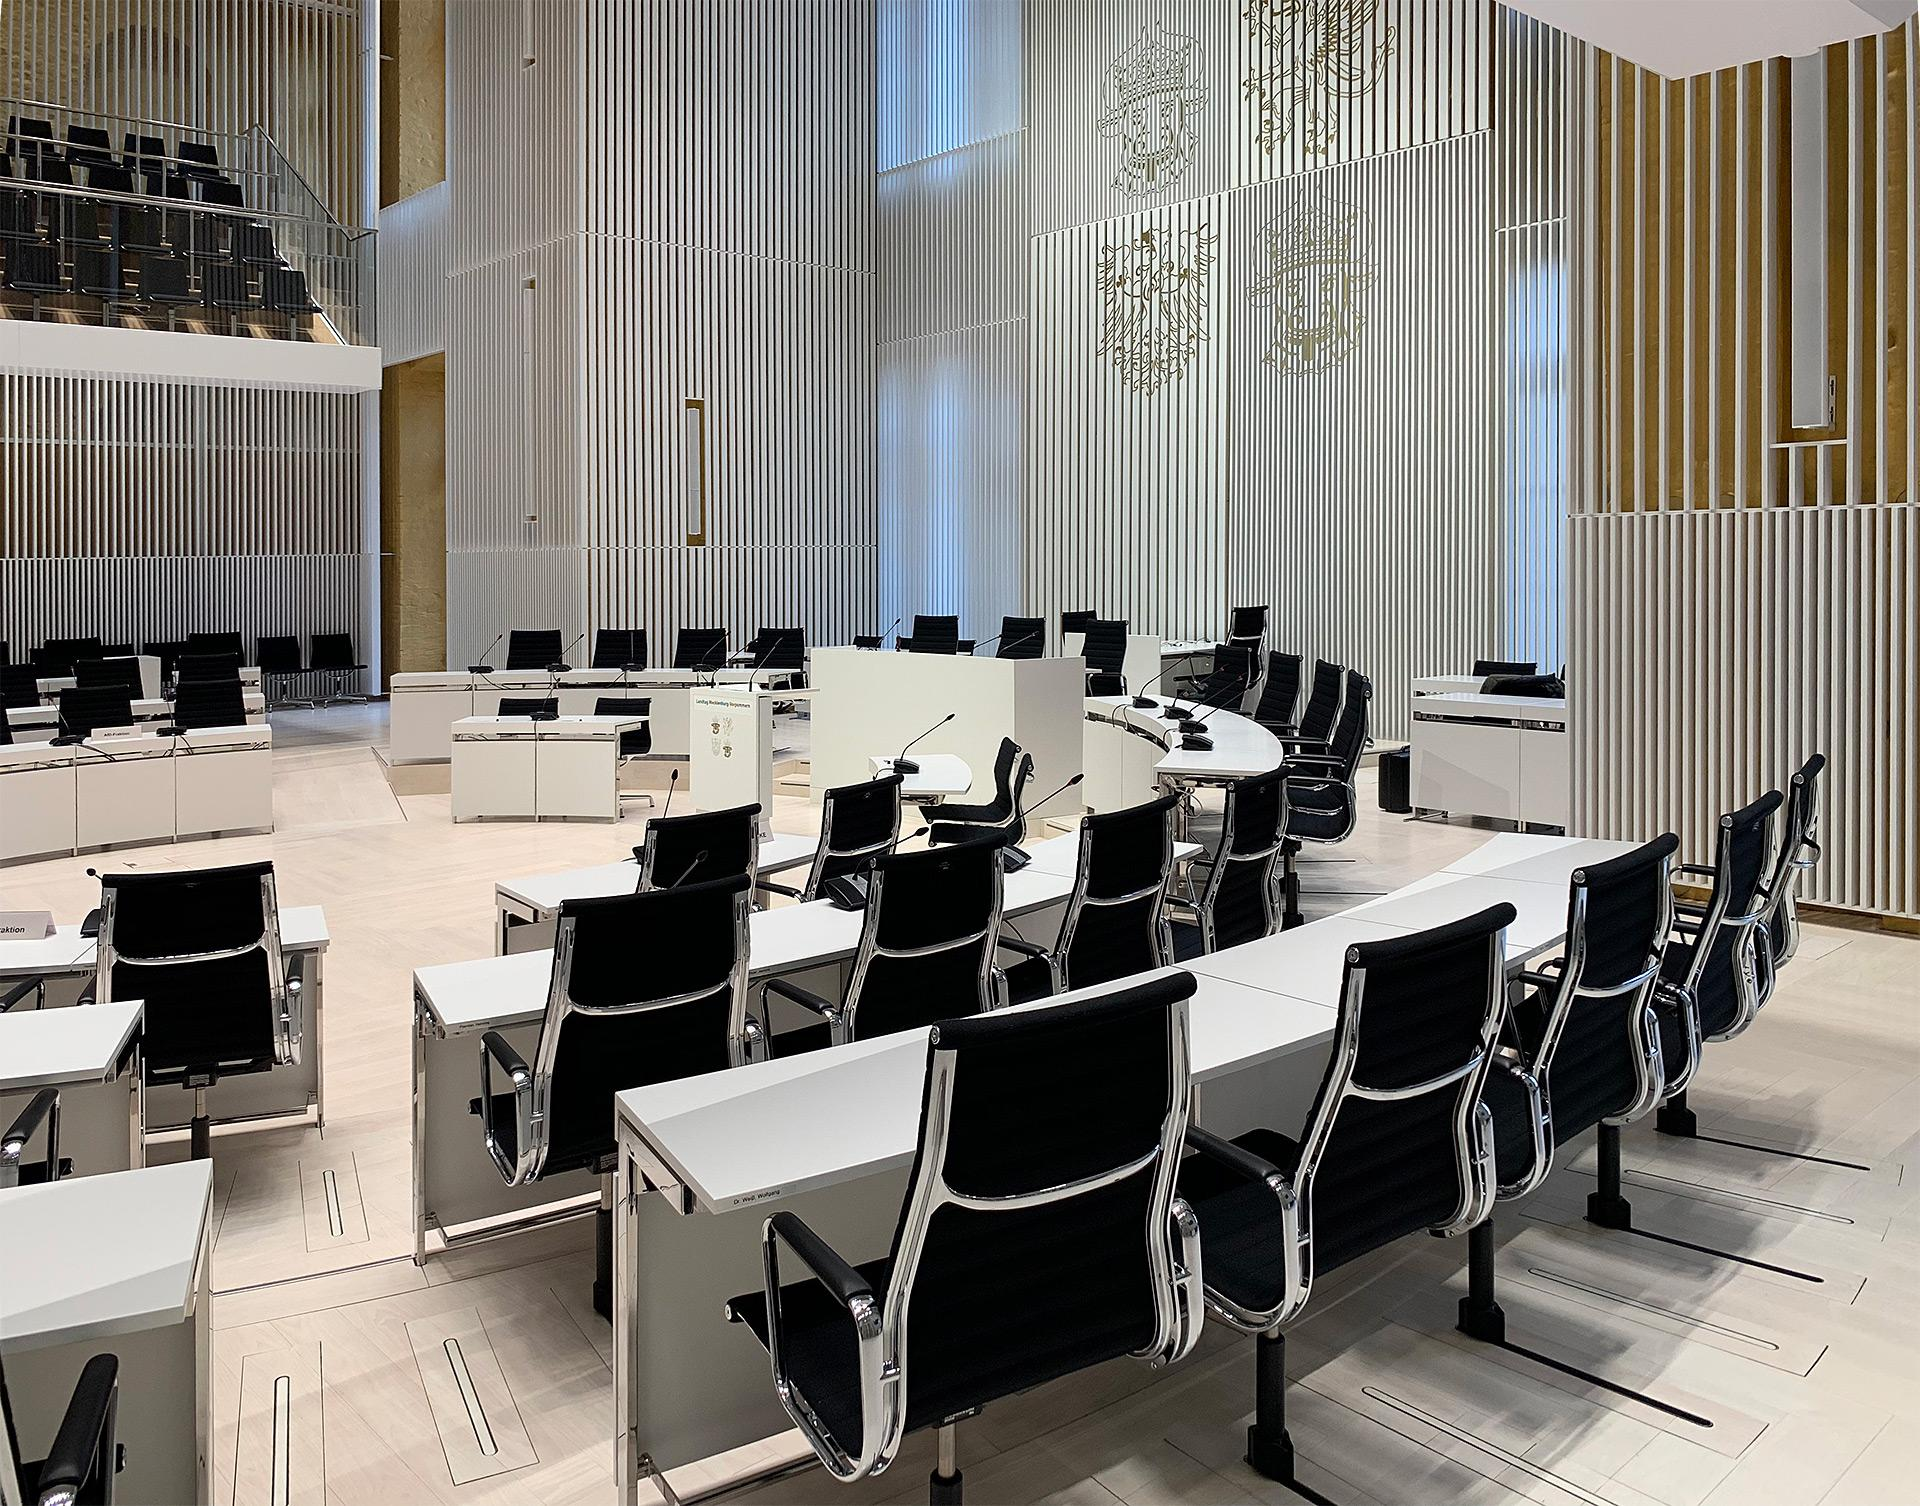 DE-Schwerin-Landtag-PS-01